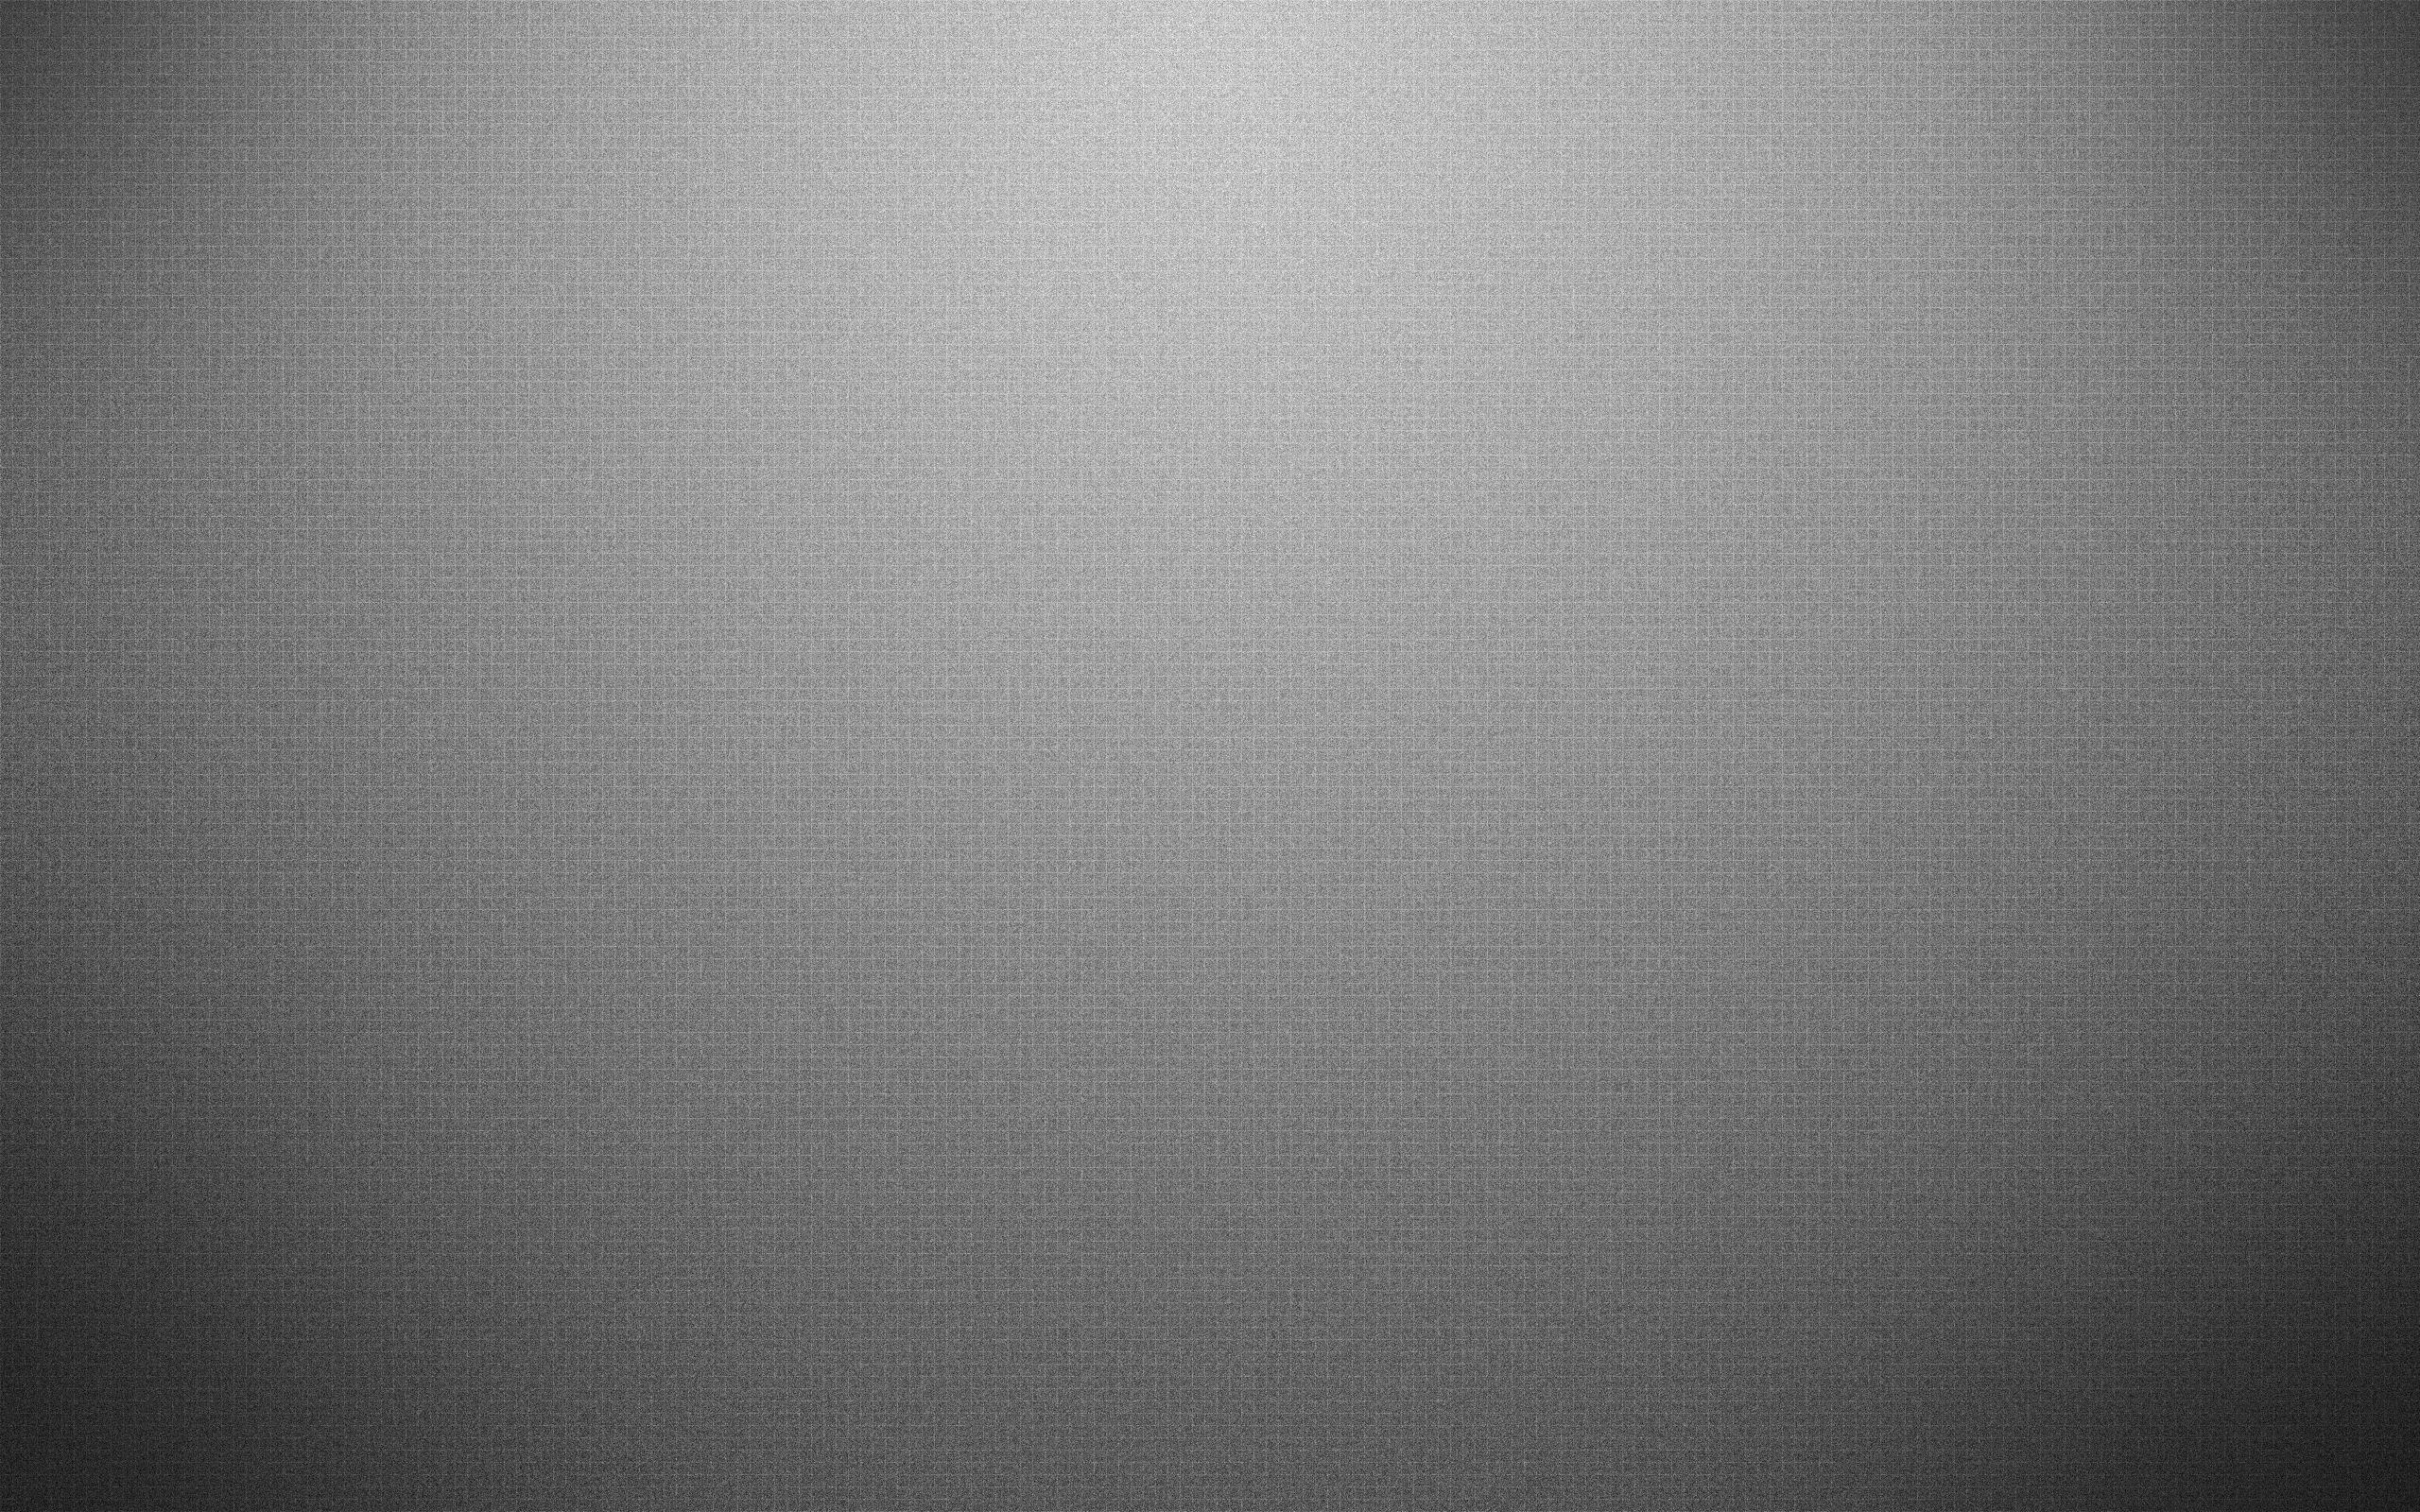 материальный дизайн горы коричнево-серый  № 3216645 без смс